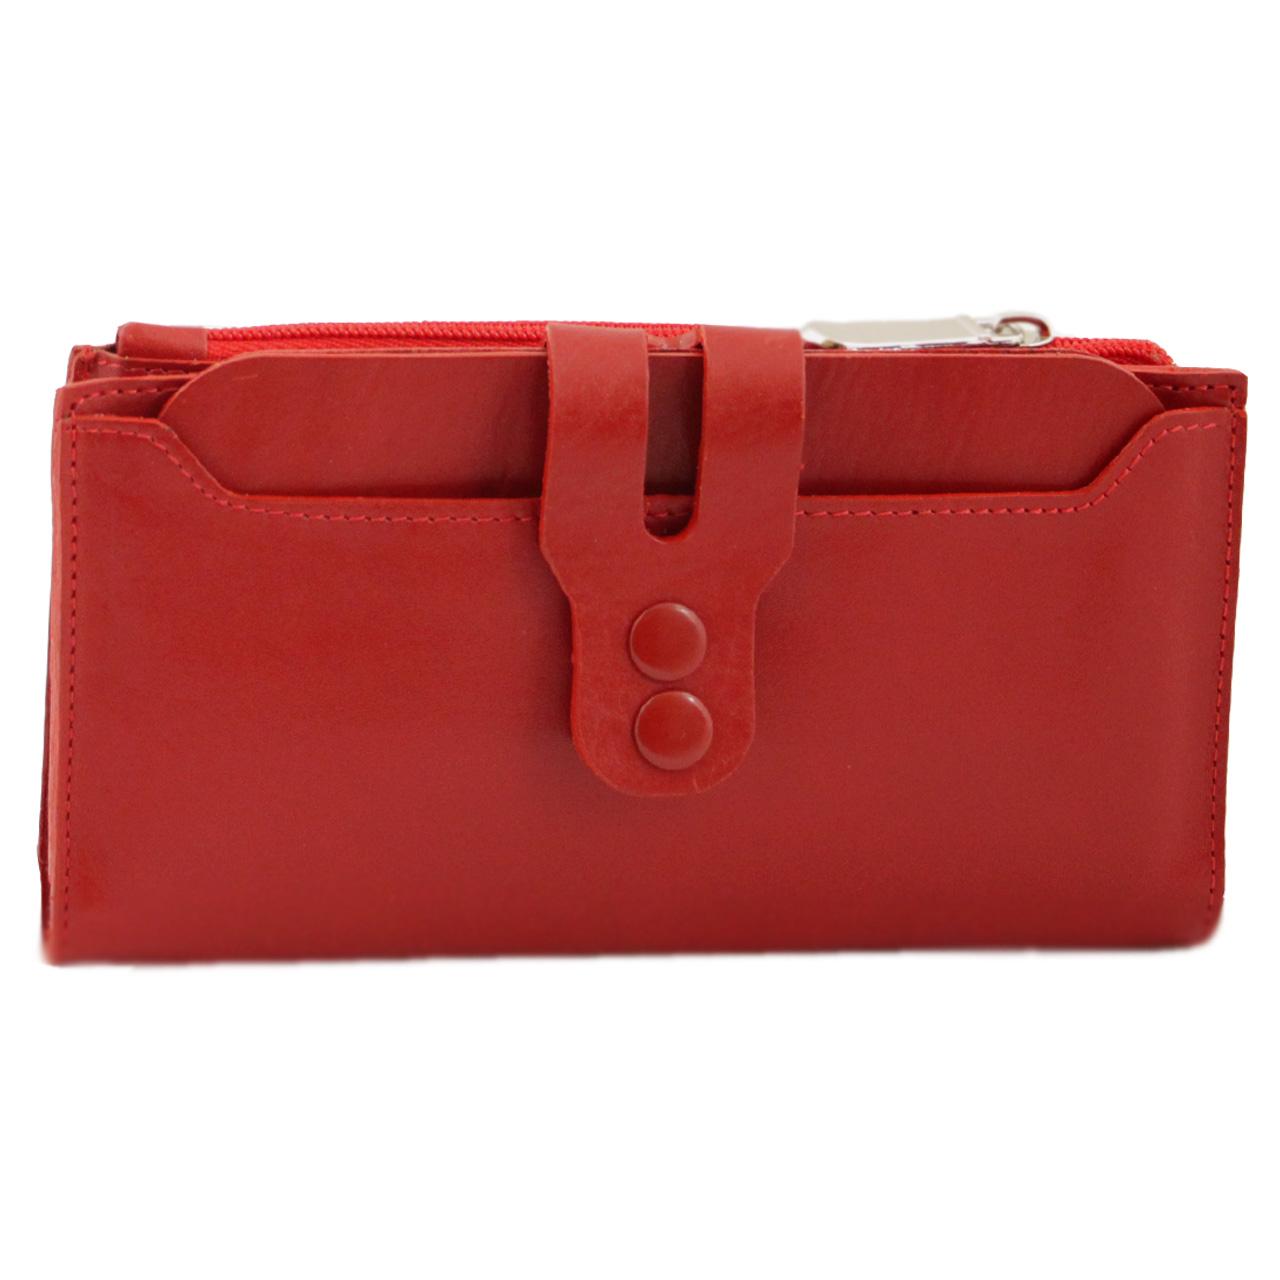 کیف پول چرم طبیعی  آدین چرم مدل DM47